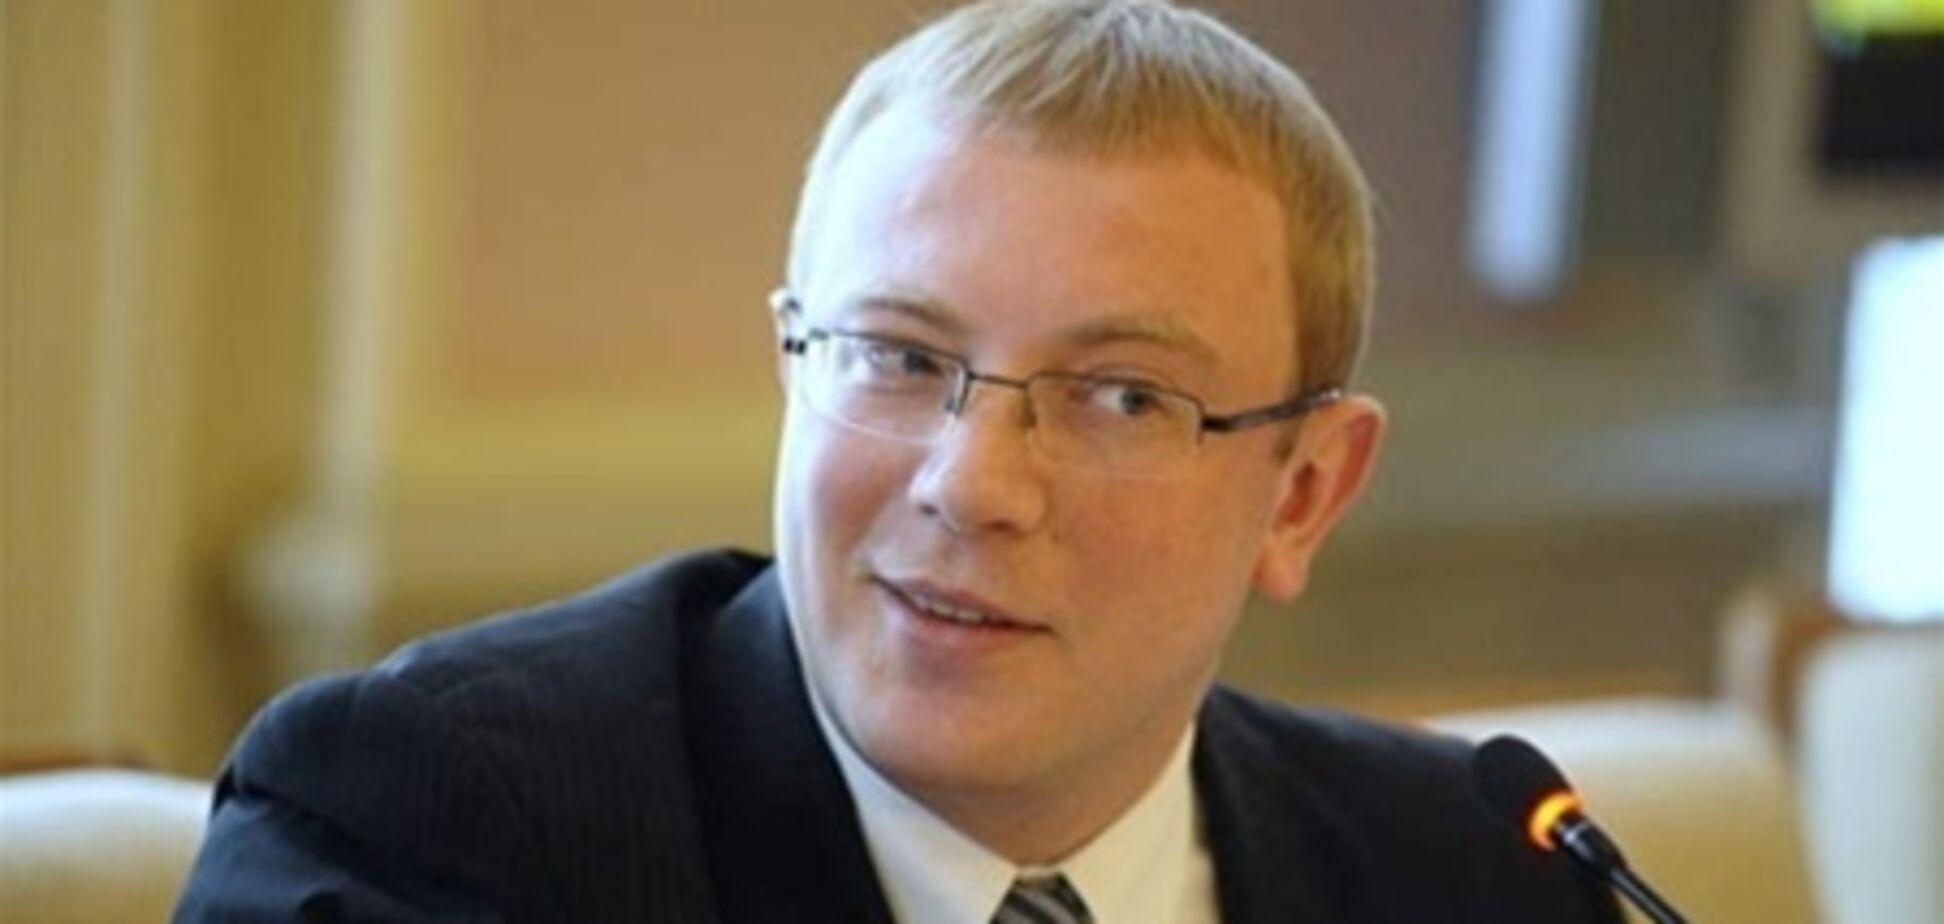 Оппозиция готова к перевыборам по мажоритарной системе - Шевченко